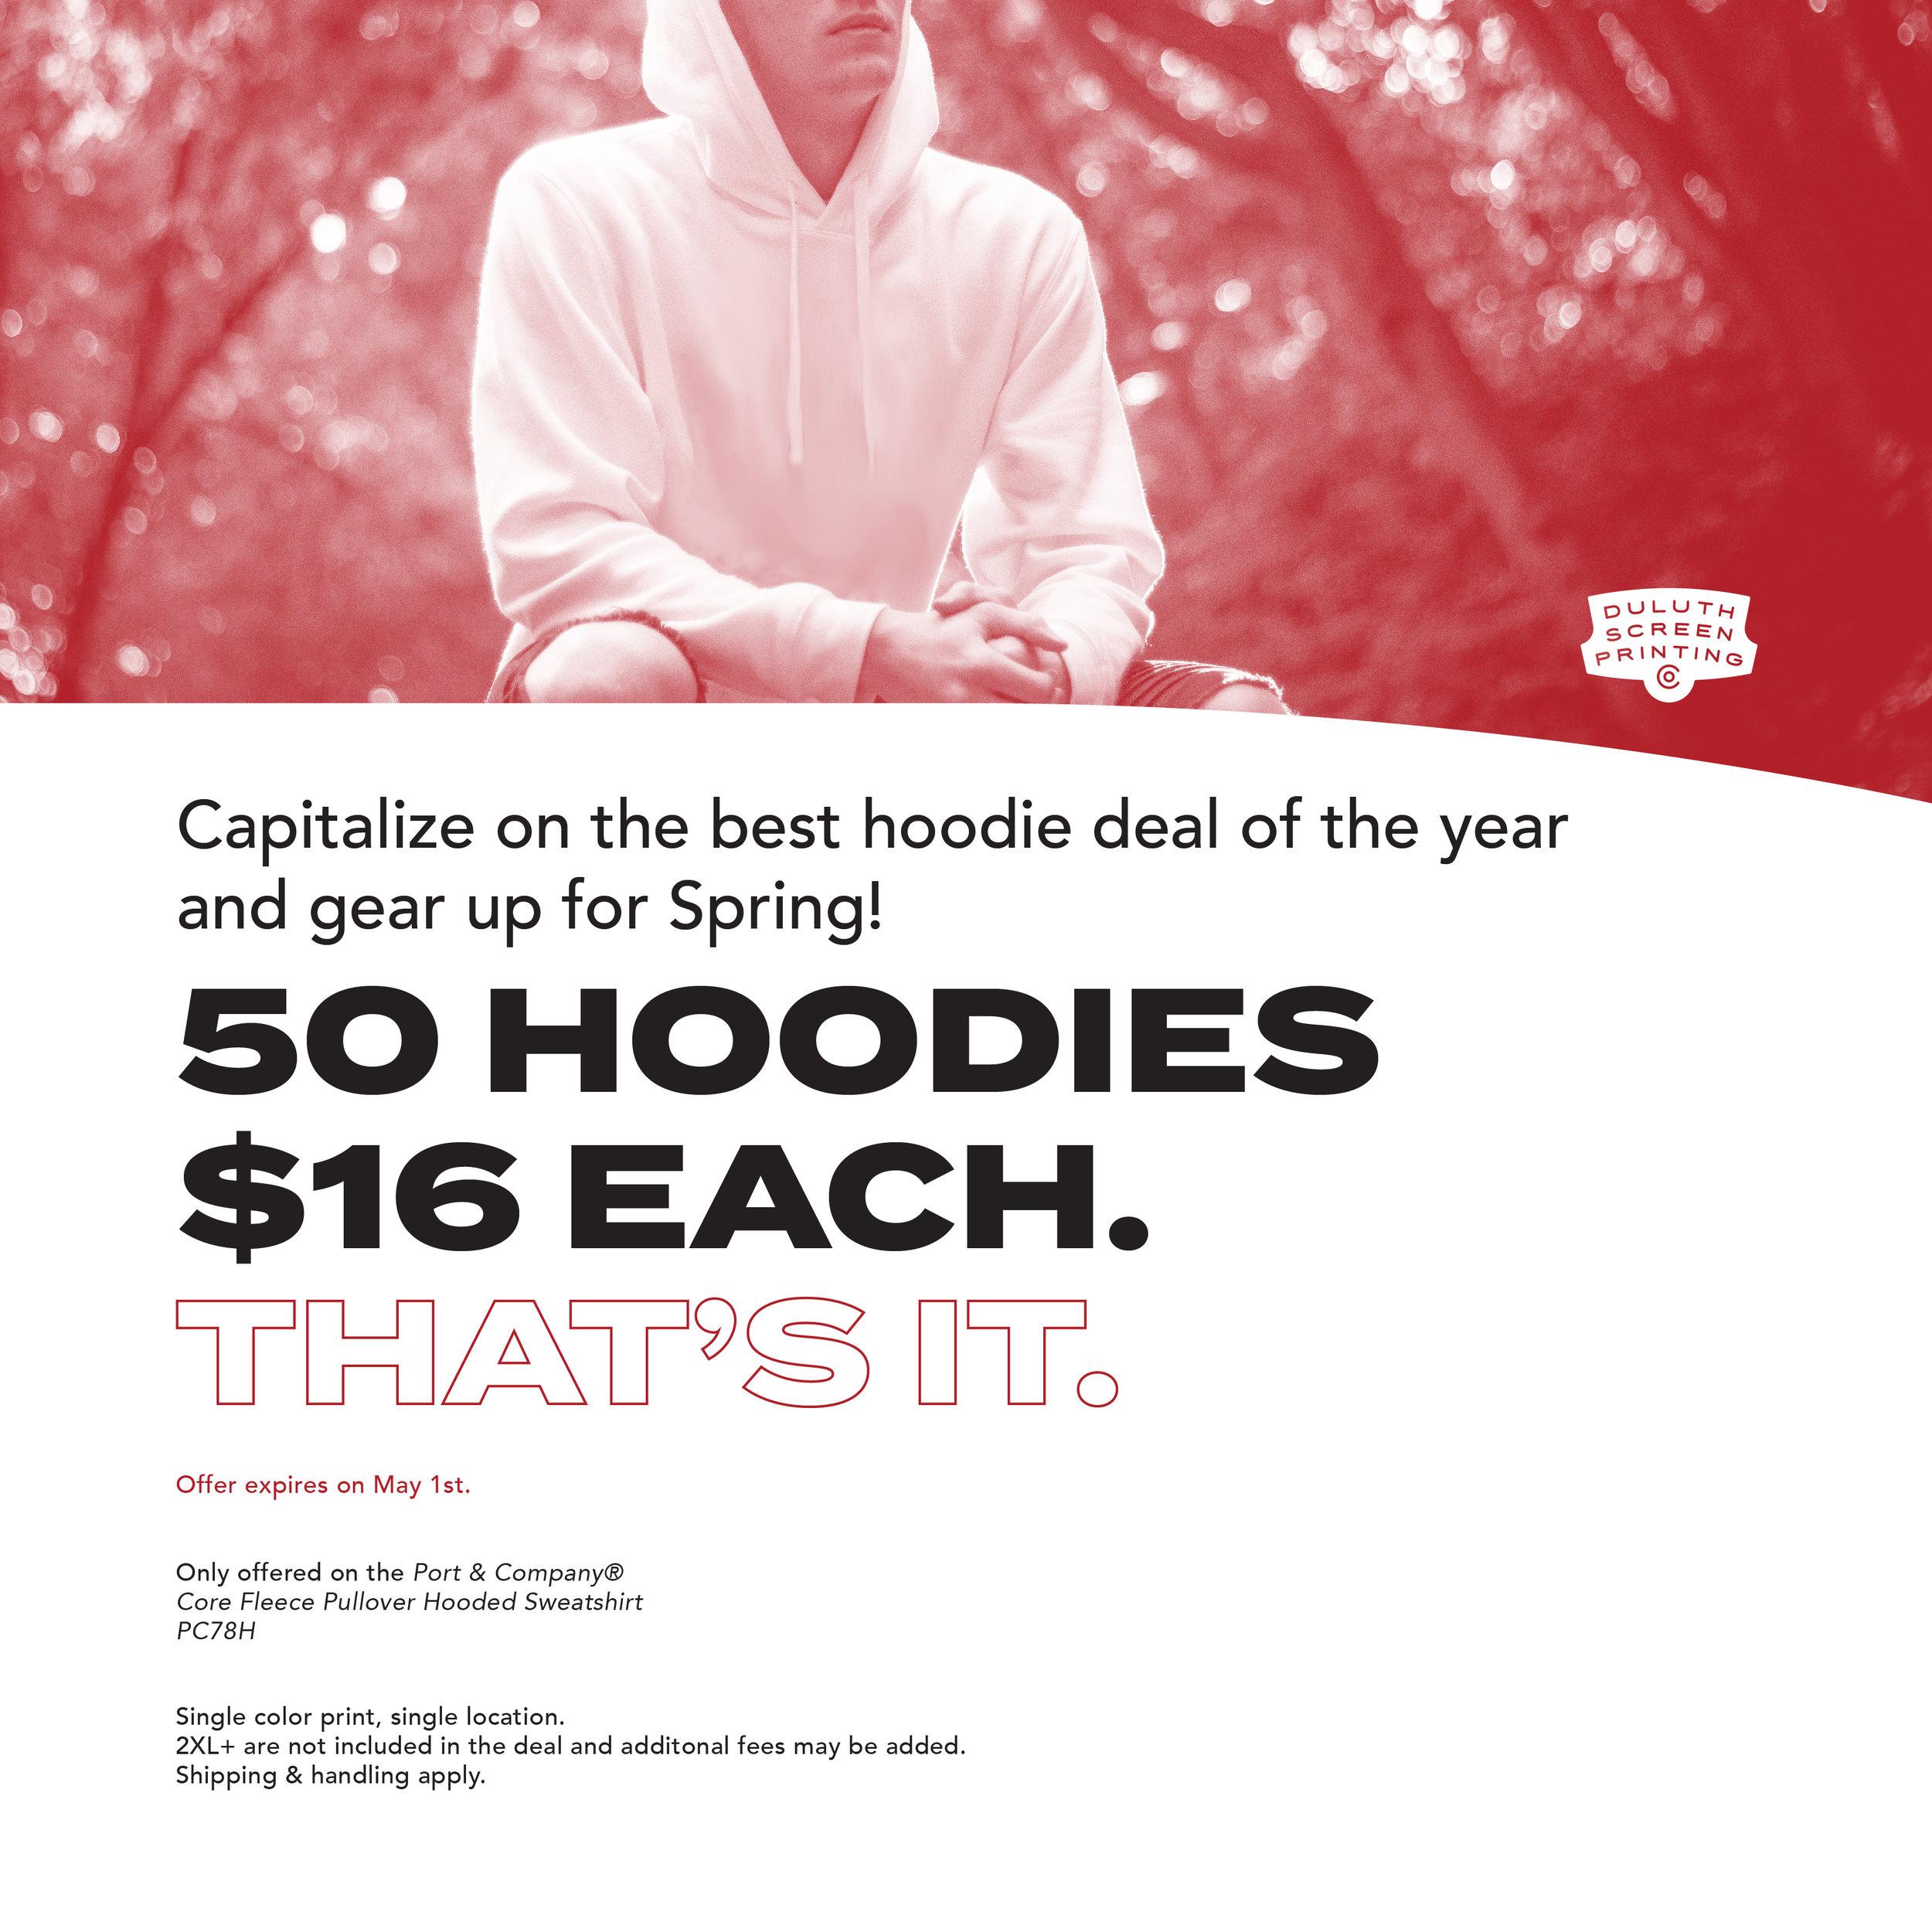 hoodie_deal.jpg